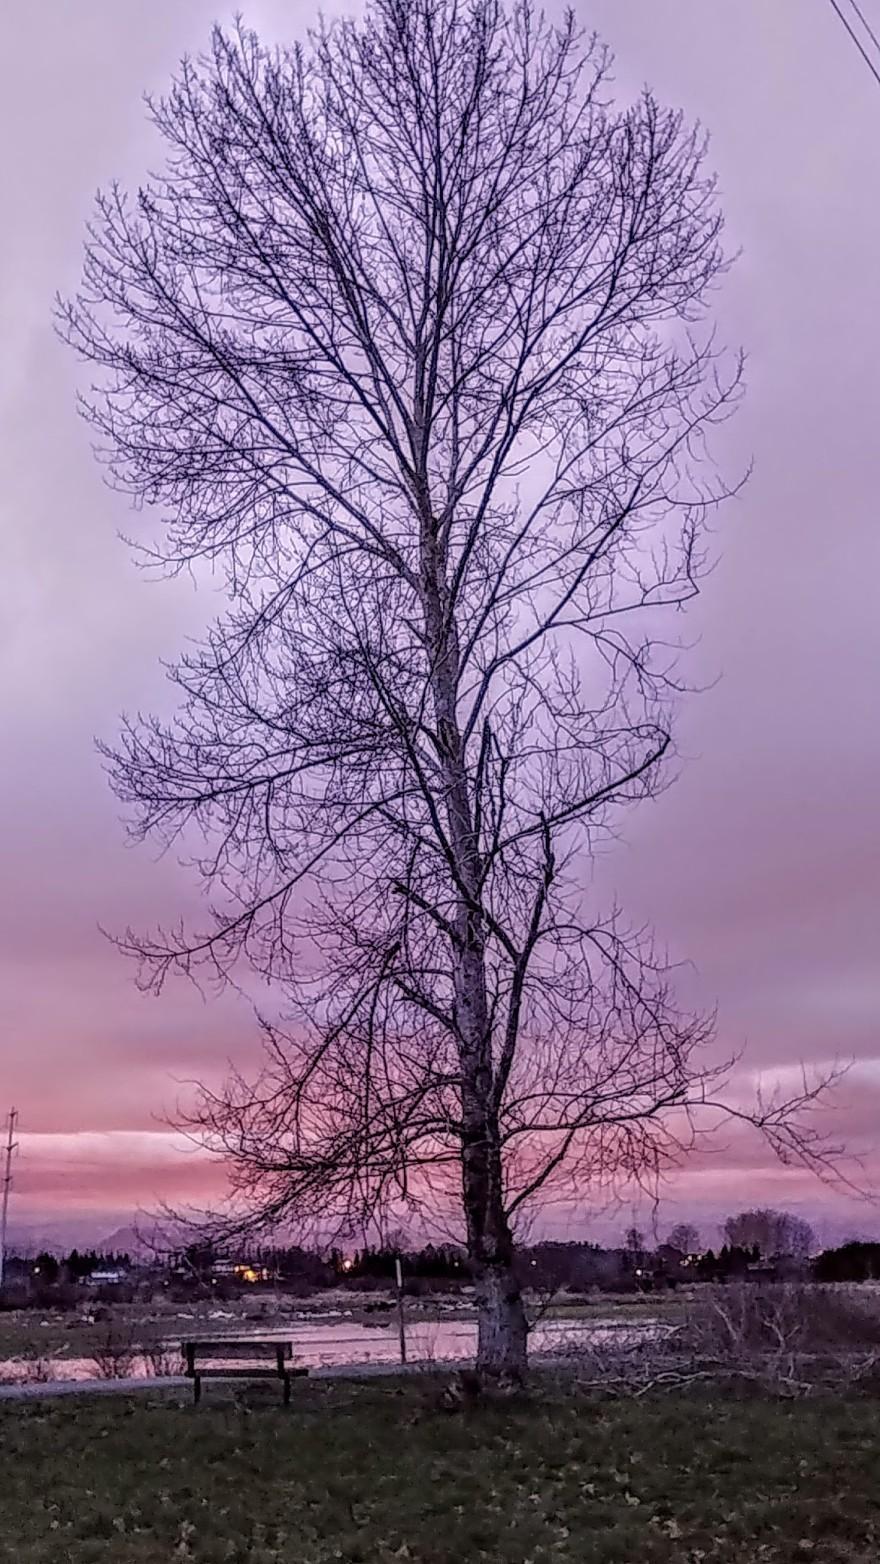 Tree, sunset, dusk, nature, pnw.